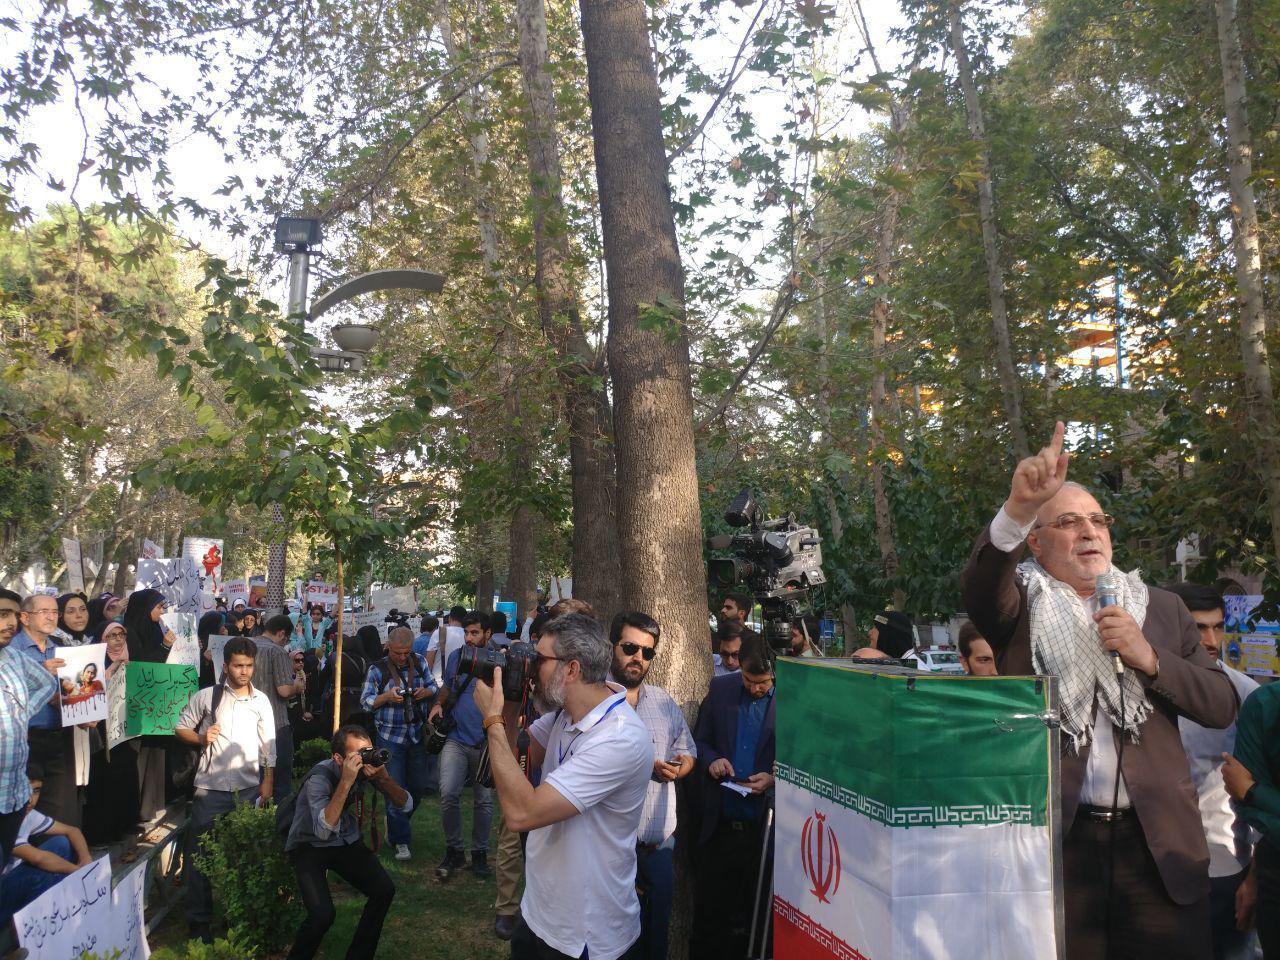 فوری؛ هم اکنون سخنرانی حاجی  – مقابل دفتر سازمان ملل متحد در تهران- تجمع دانشجویی در محکومیت کشتار مسلمانان میانمار